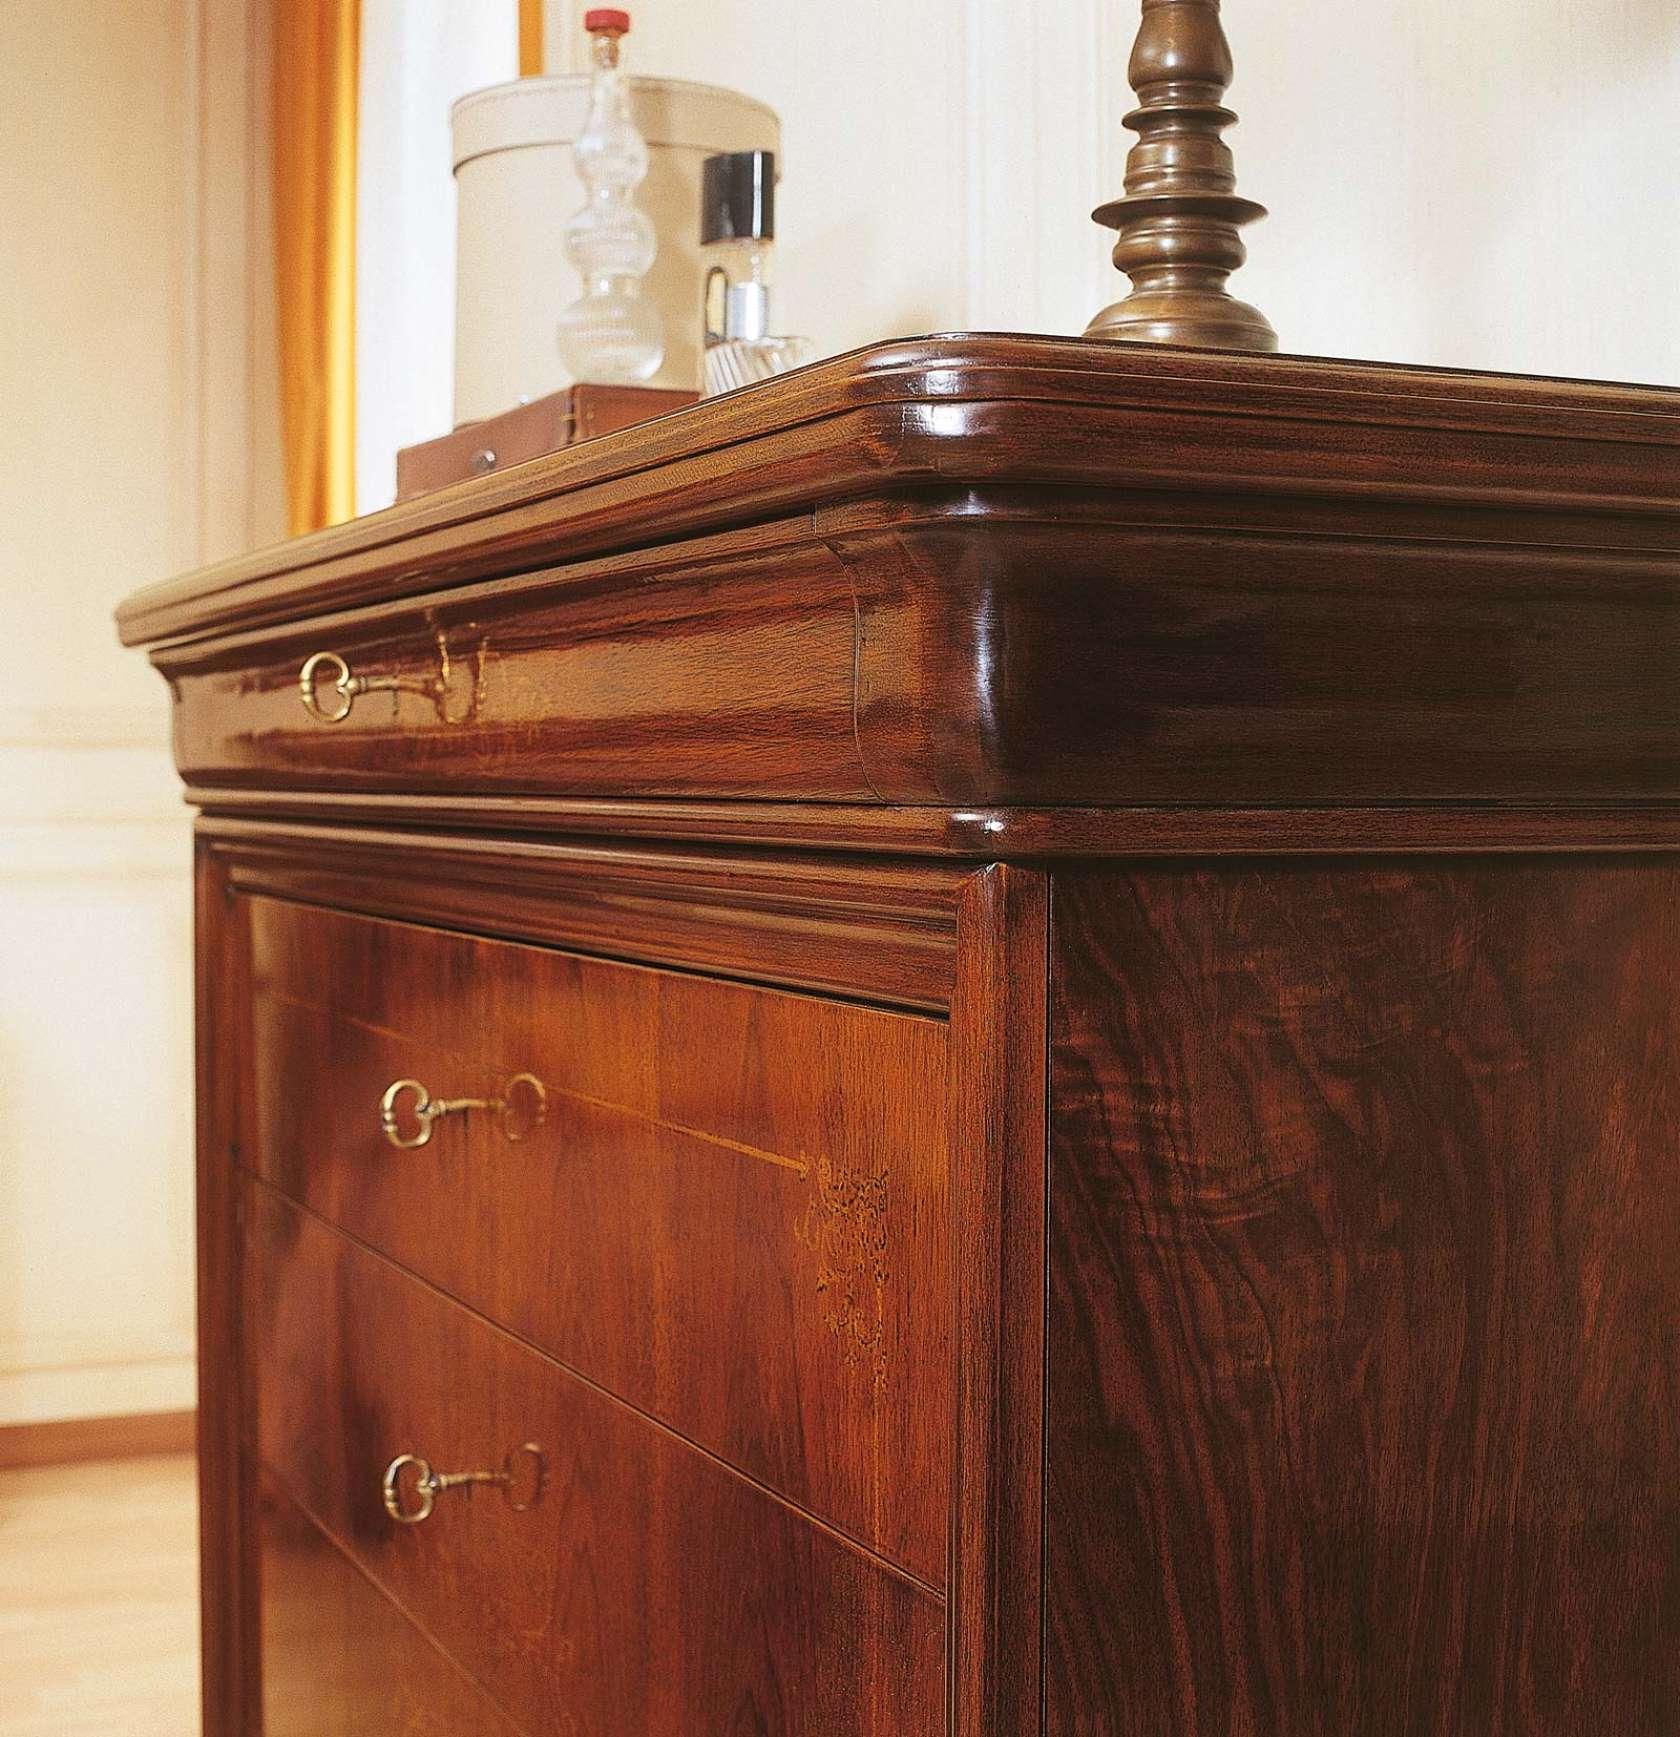 Camera da letto 800 francese com in noce intarsiato - Camera da letto francese ...